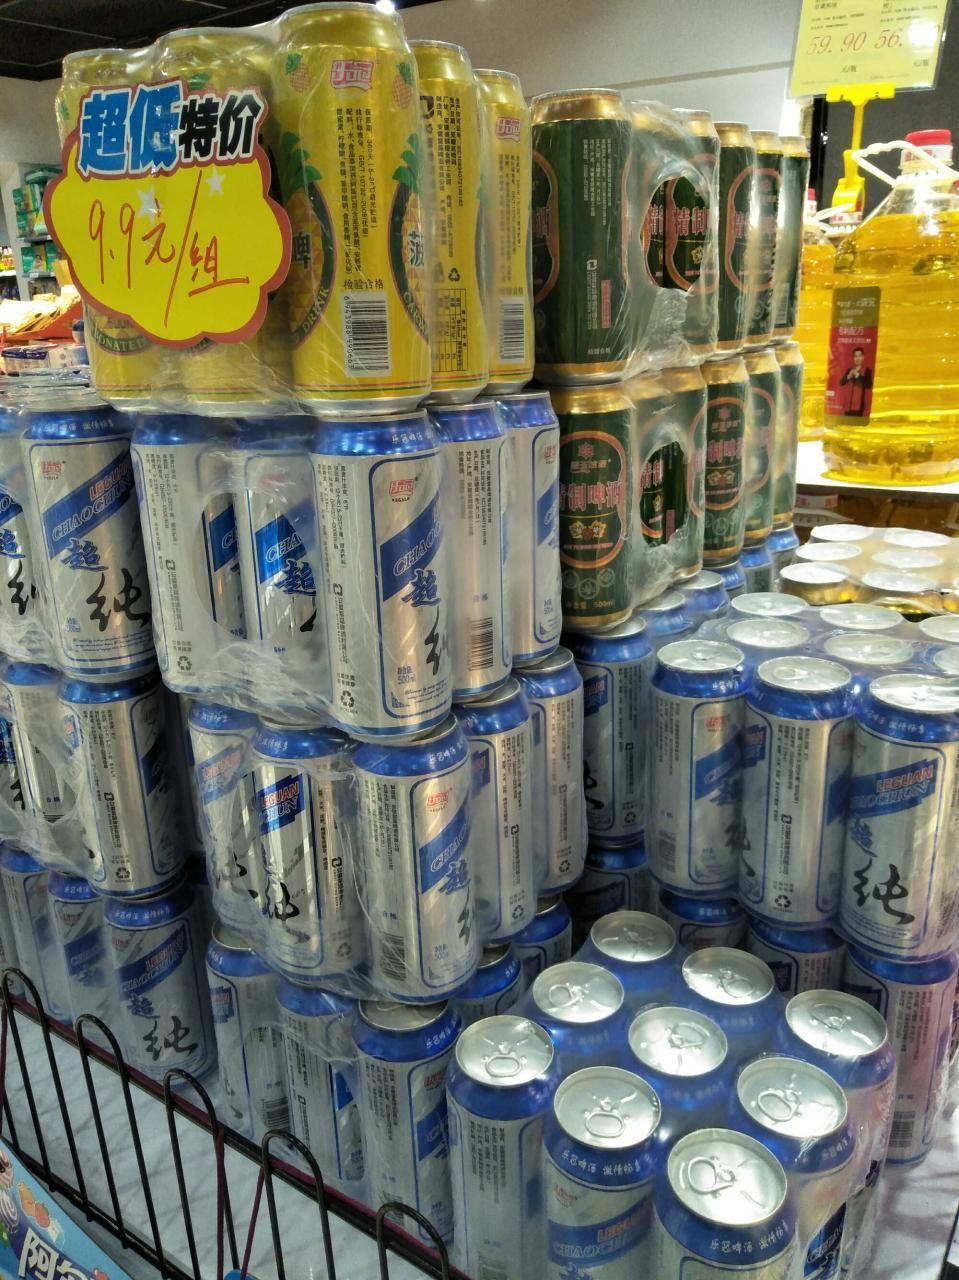 乐冠啤酒价格-湖北省黄石市大冶市下陆区金山工业开发区大旗路北侧华润雪花-大麦丫-精酿啤酒连锁超市,工厂店平价酒吧免费加盟